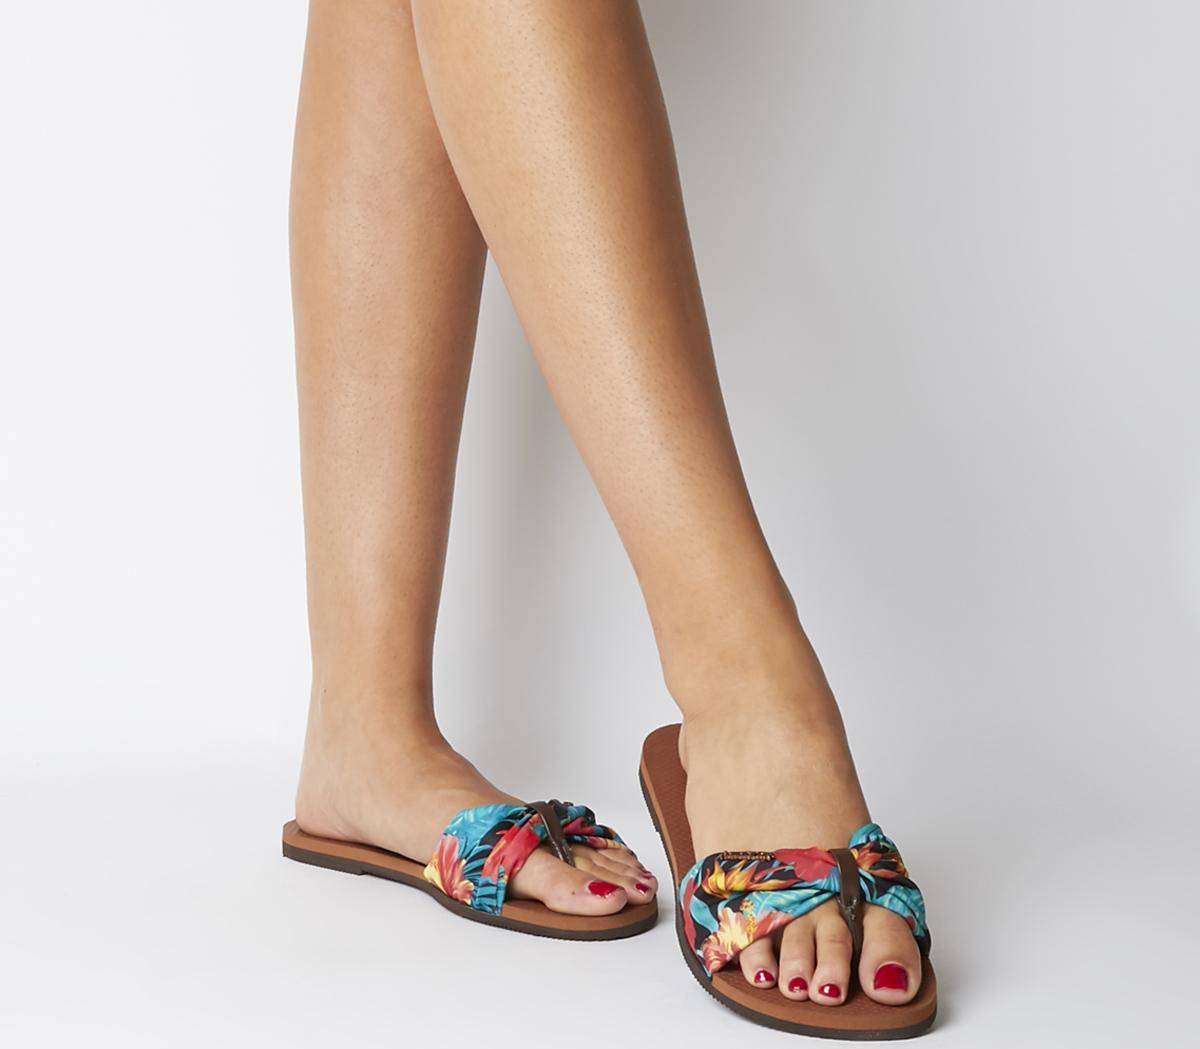 Saint Tropez Sandals